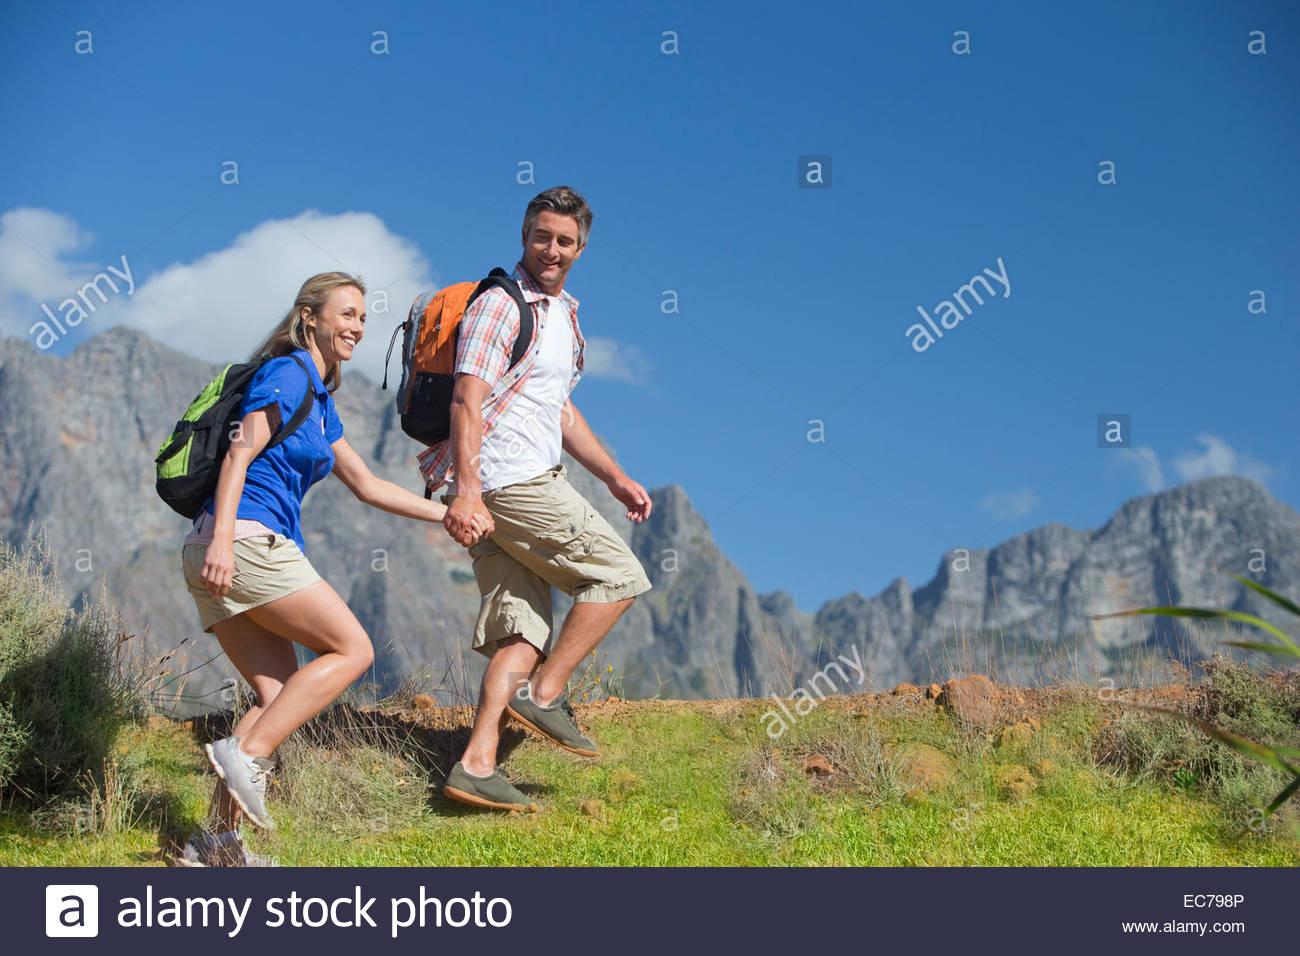 Paar auf einem Bergpfad Wandern Stockbild